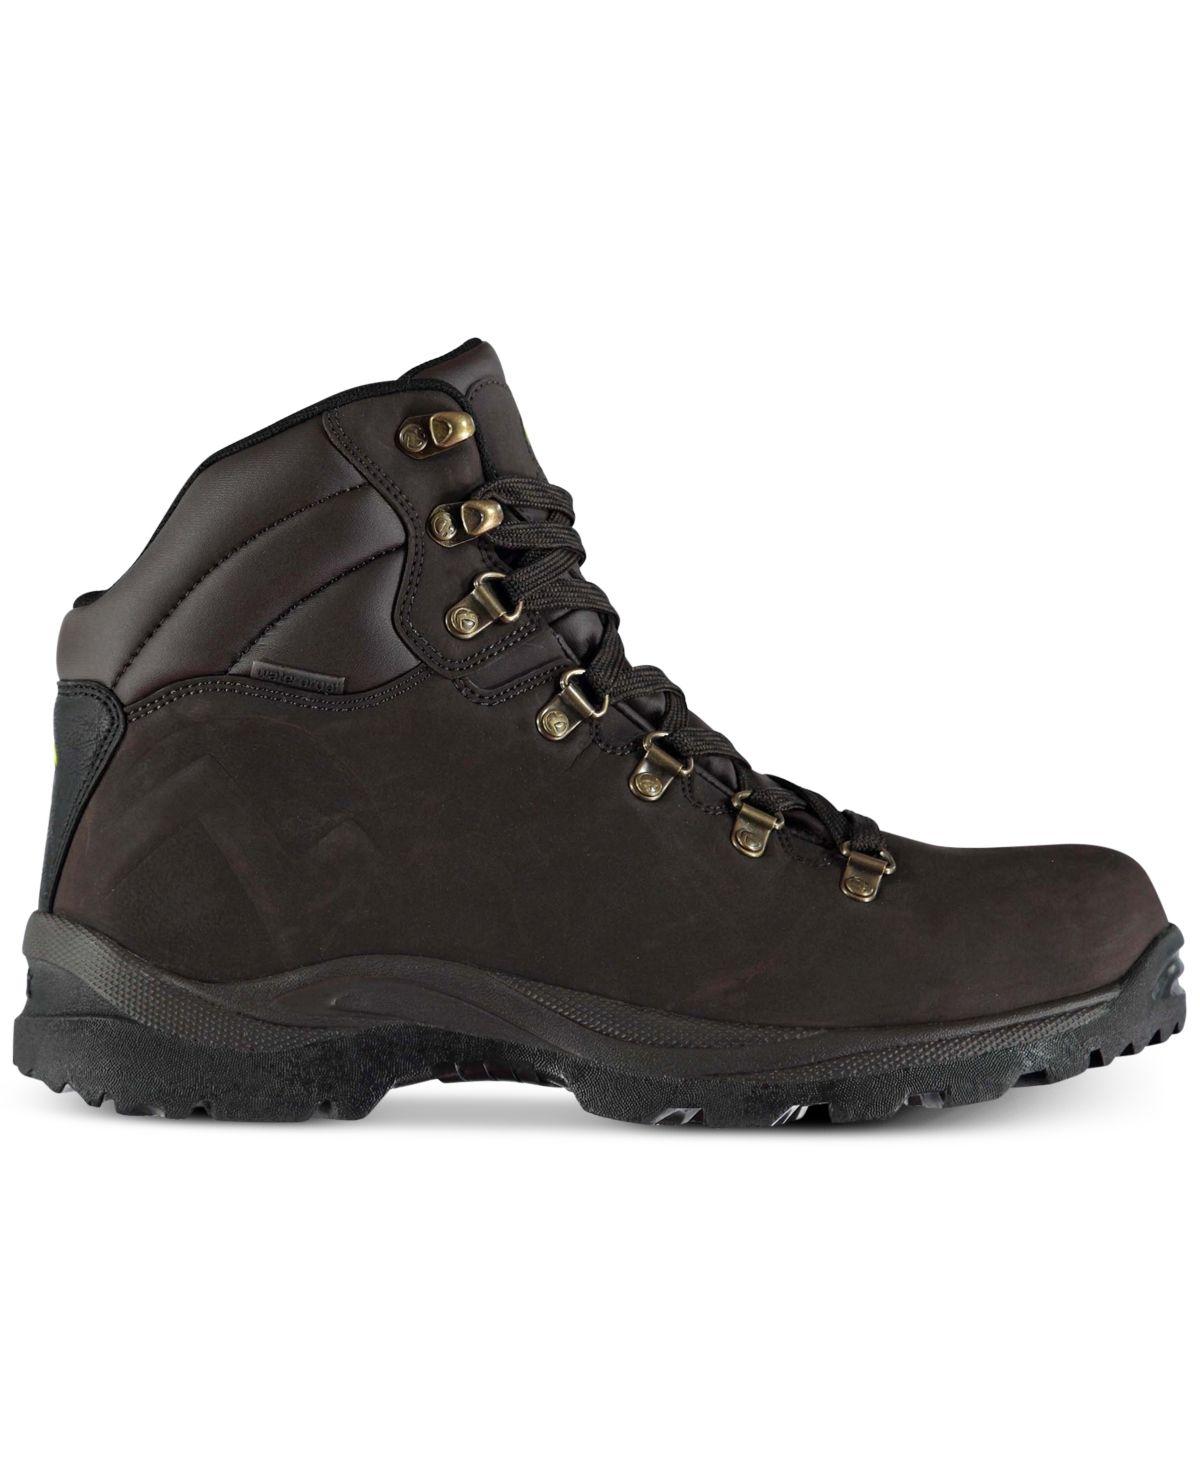 Atlantis Low Waterproof Hiking Boots